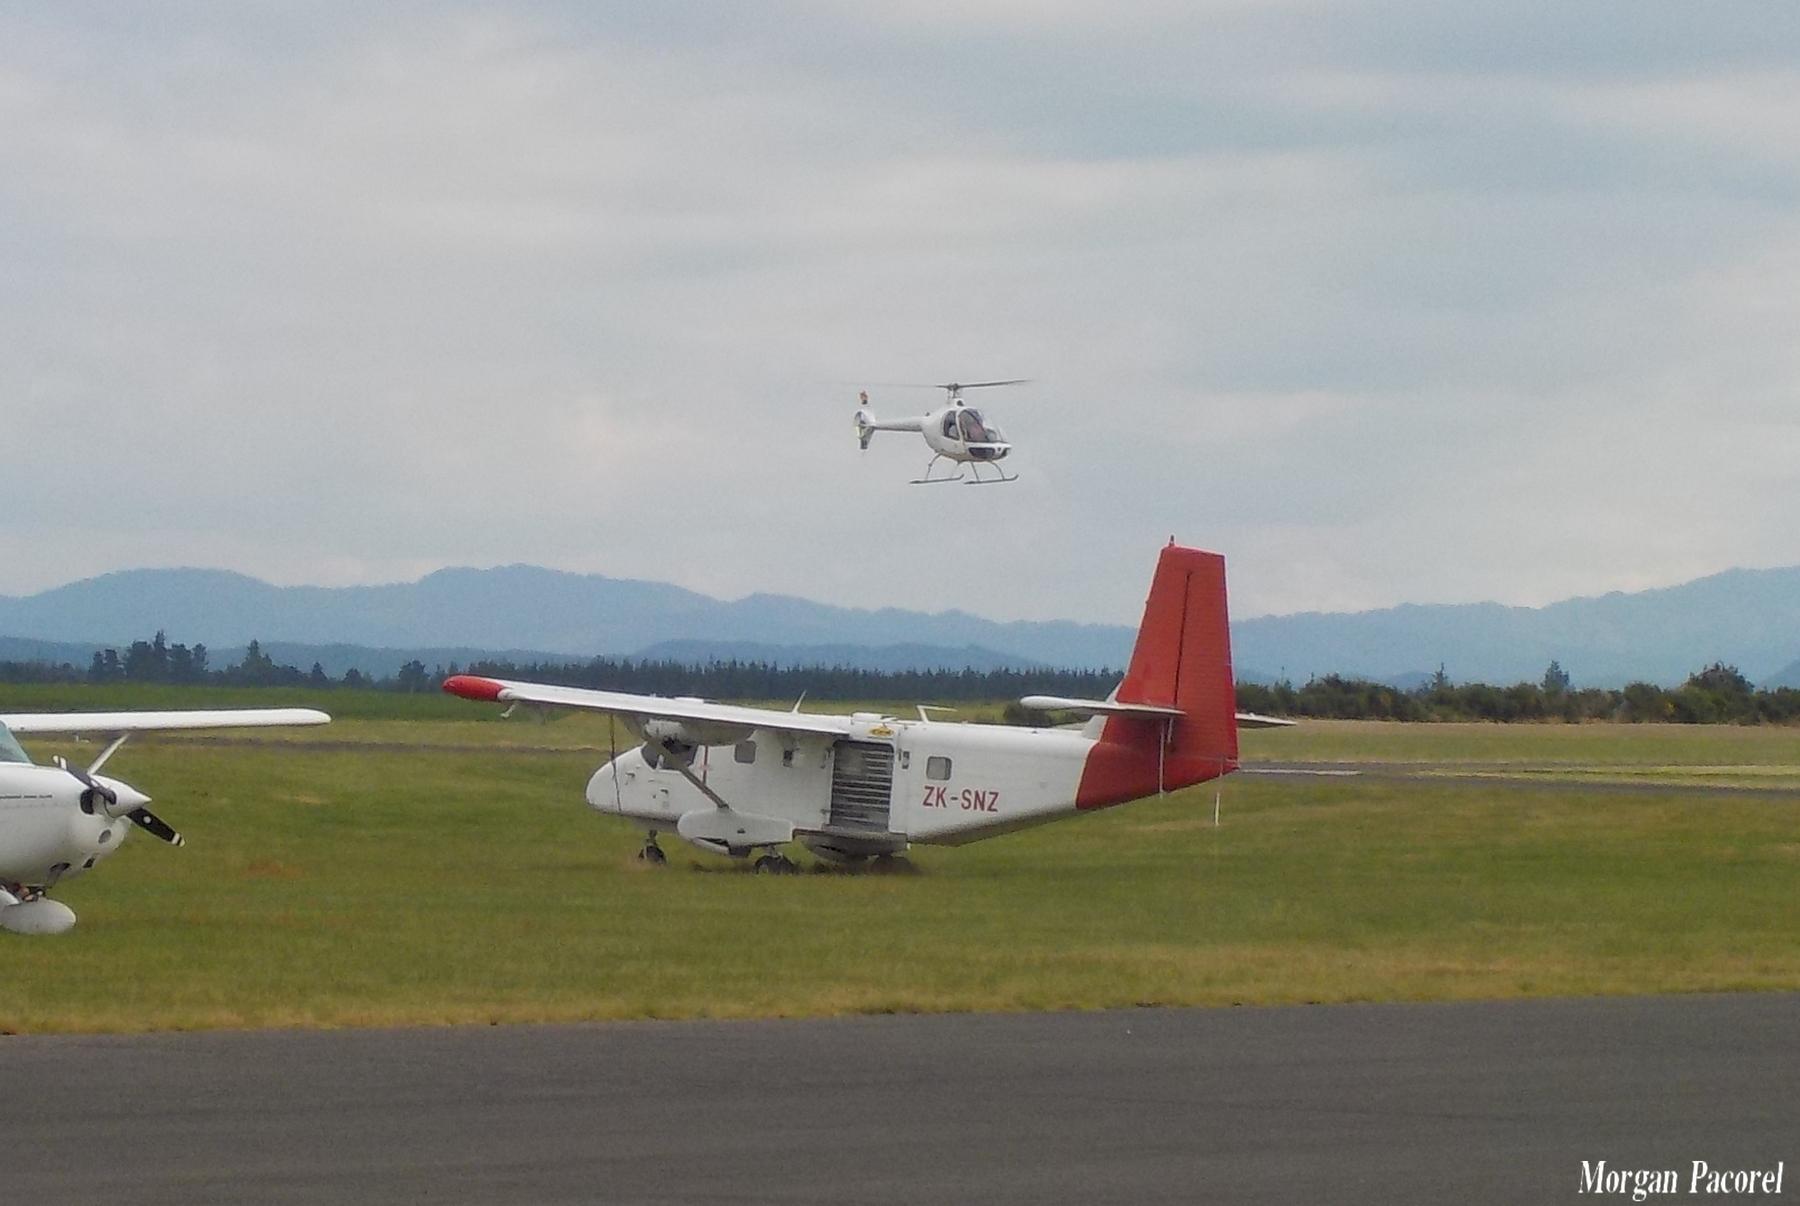 Nouvelle Zélande : spotting à Taupo et Wakatane 180103044805370567